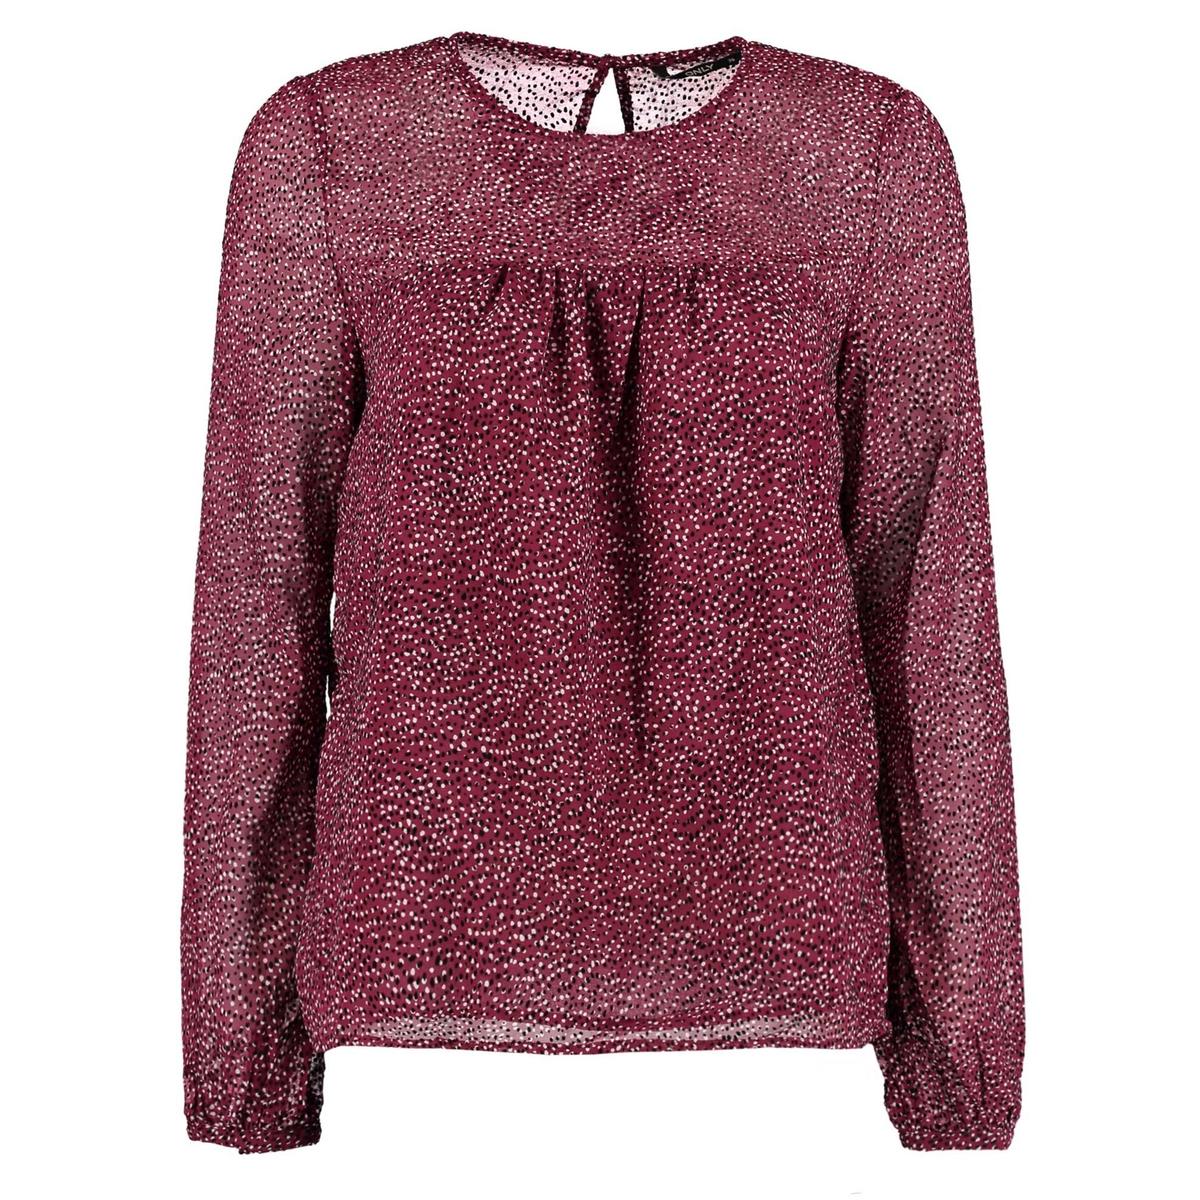 Блуза с круглым вырезом в горошек, длинные рукава блуза rosanna pellegrini блузы в горошек